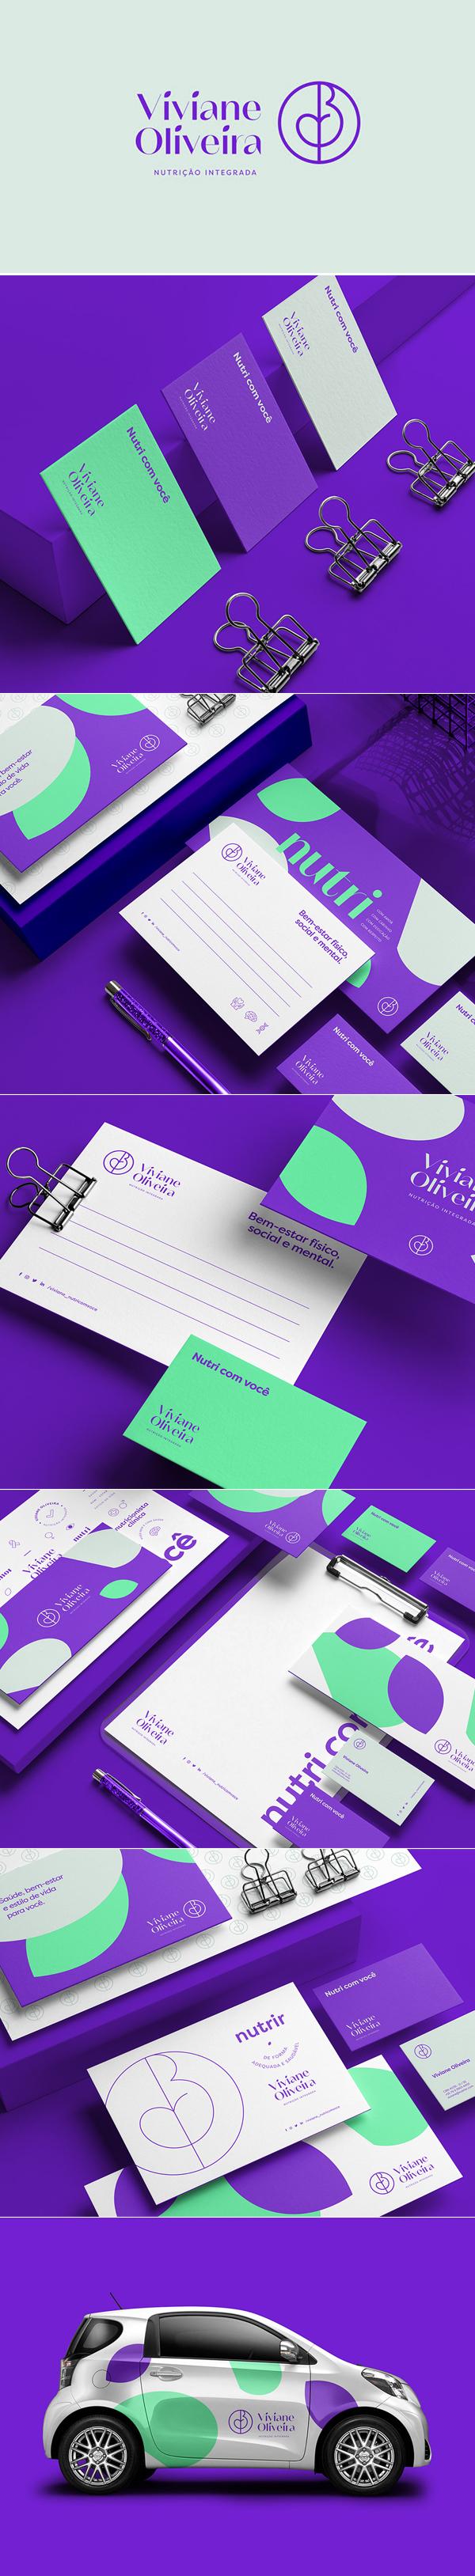 Viviane Oliveira Branding by John Dias